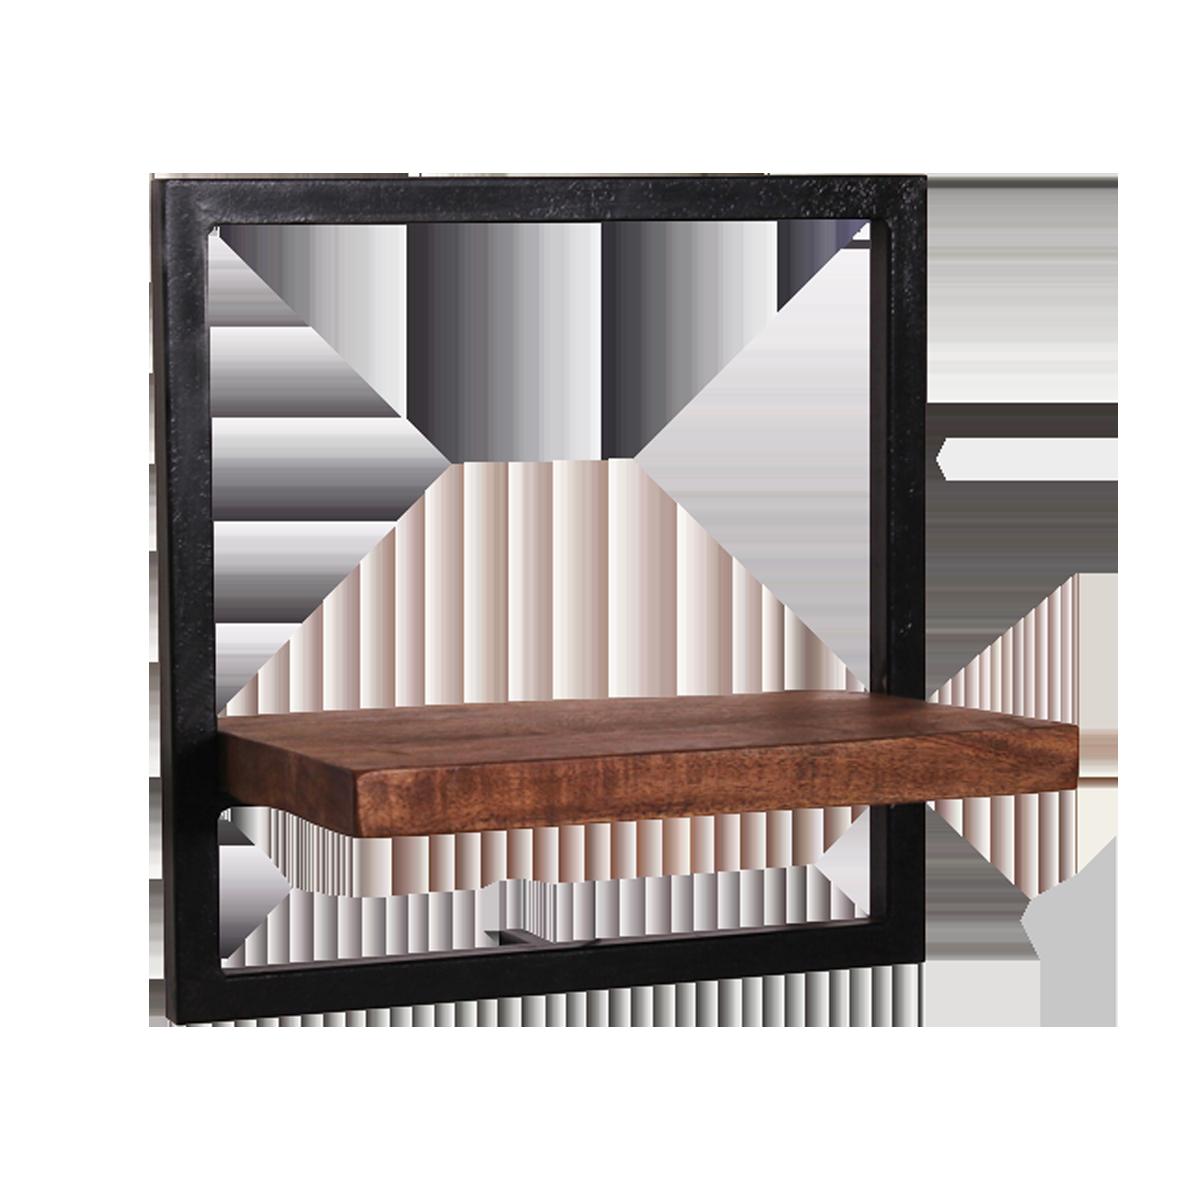 Modernes Wandregal Ablage Aus Mangoholz Rahmen Metall Antikschwarz